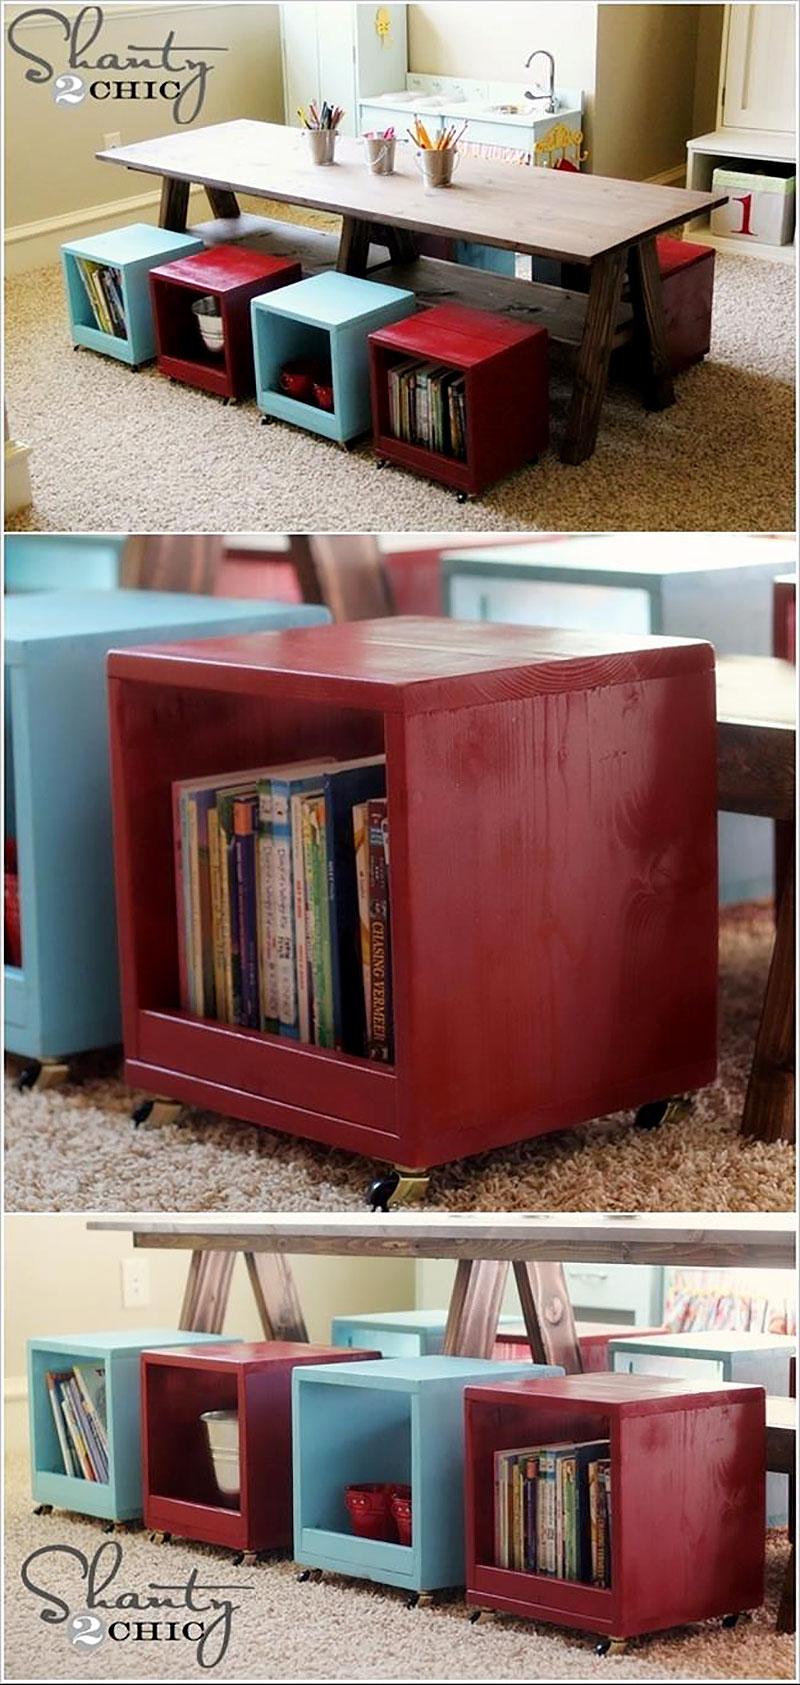 Bancos para organizar livros no quarto dos filhos